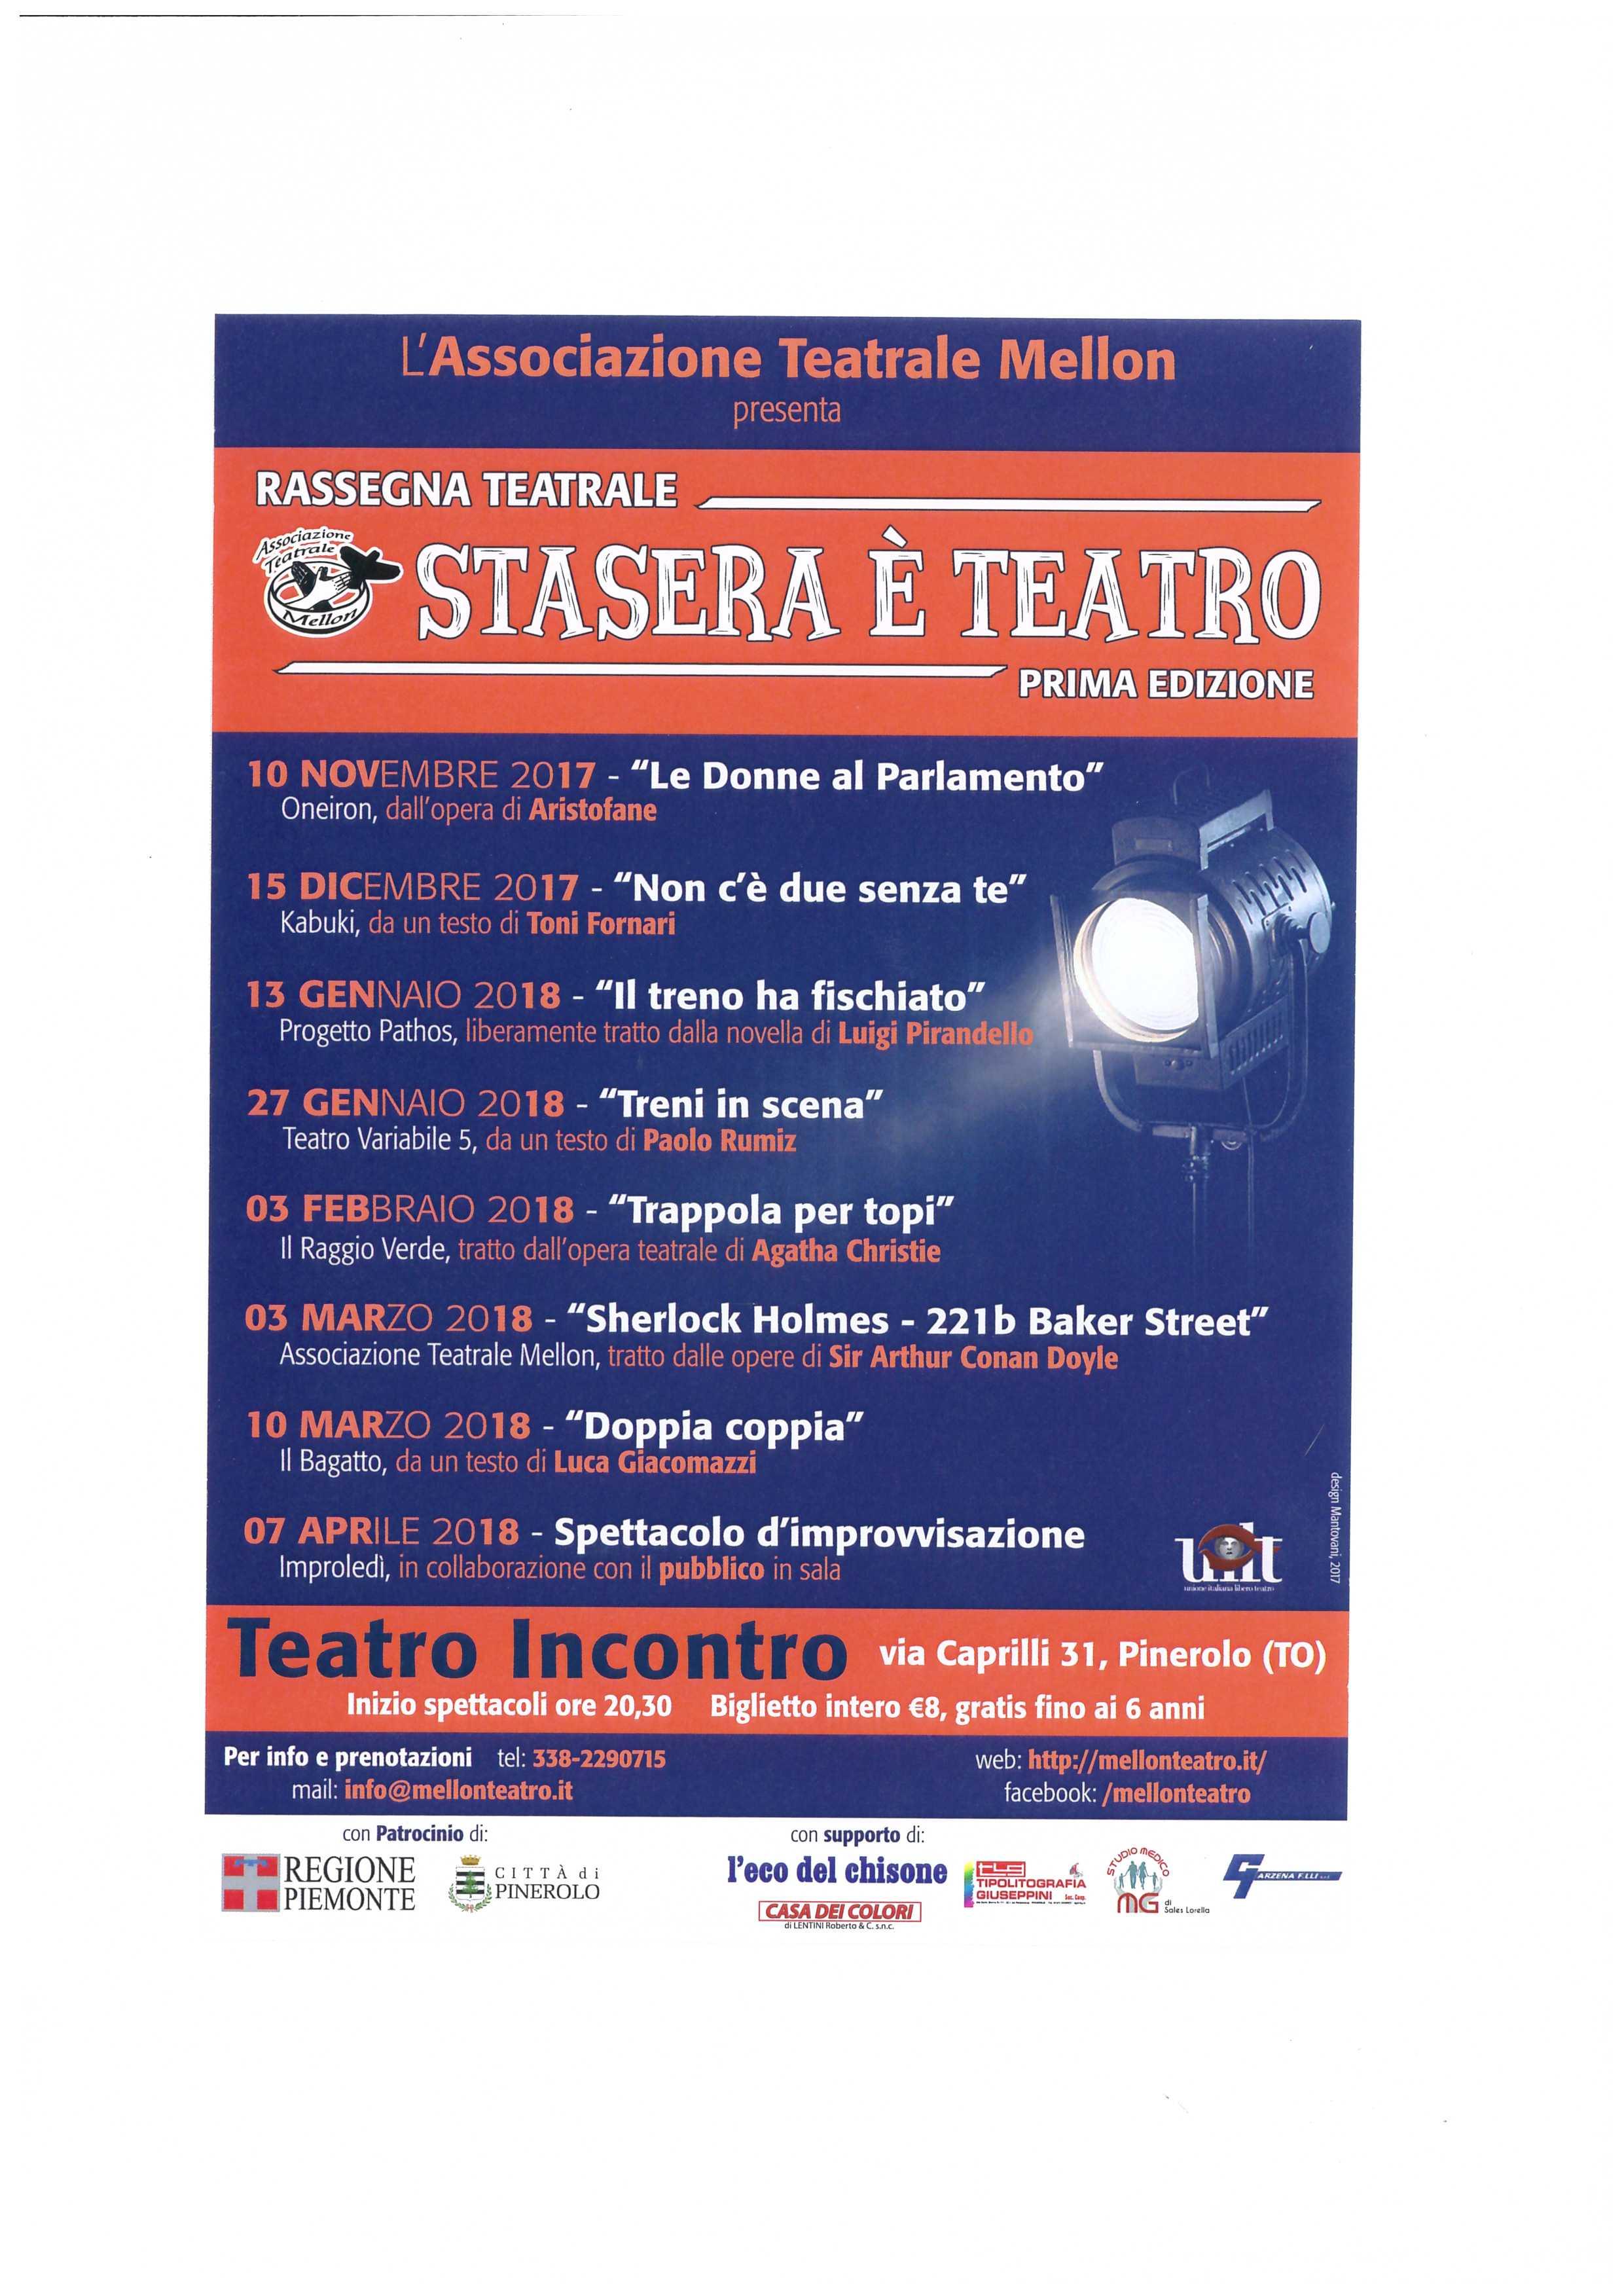 Teatroincontro_001